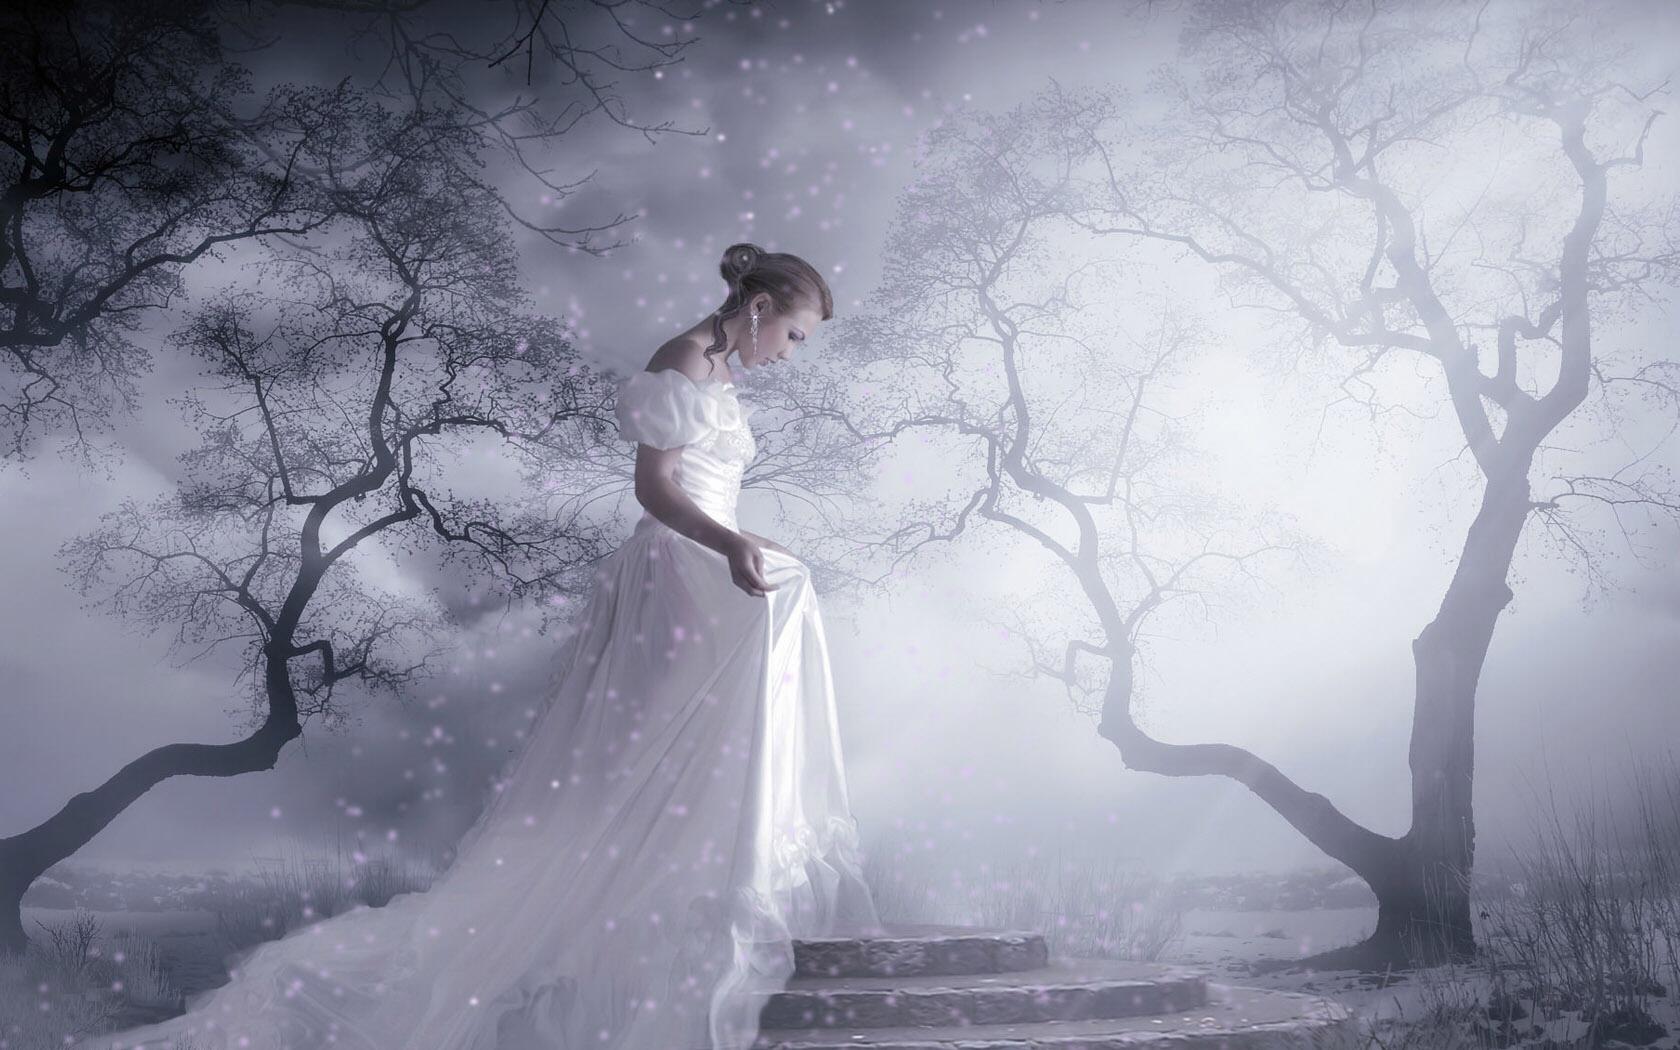 بالصور خلفيات رومانسية حزينة , خلفيات تعبيرا عن الالم والحزن 4365 8